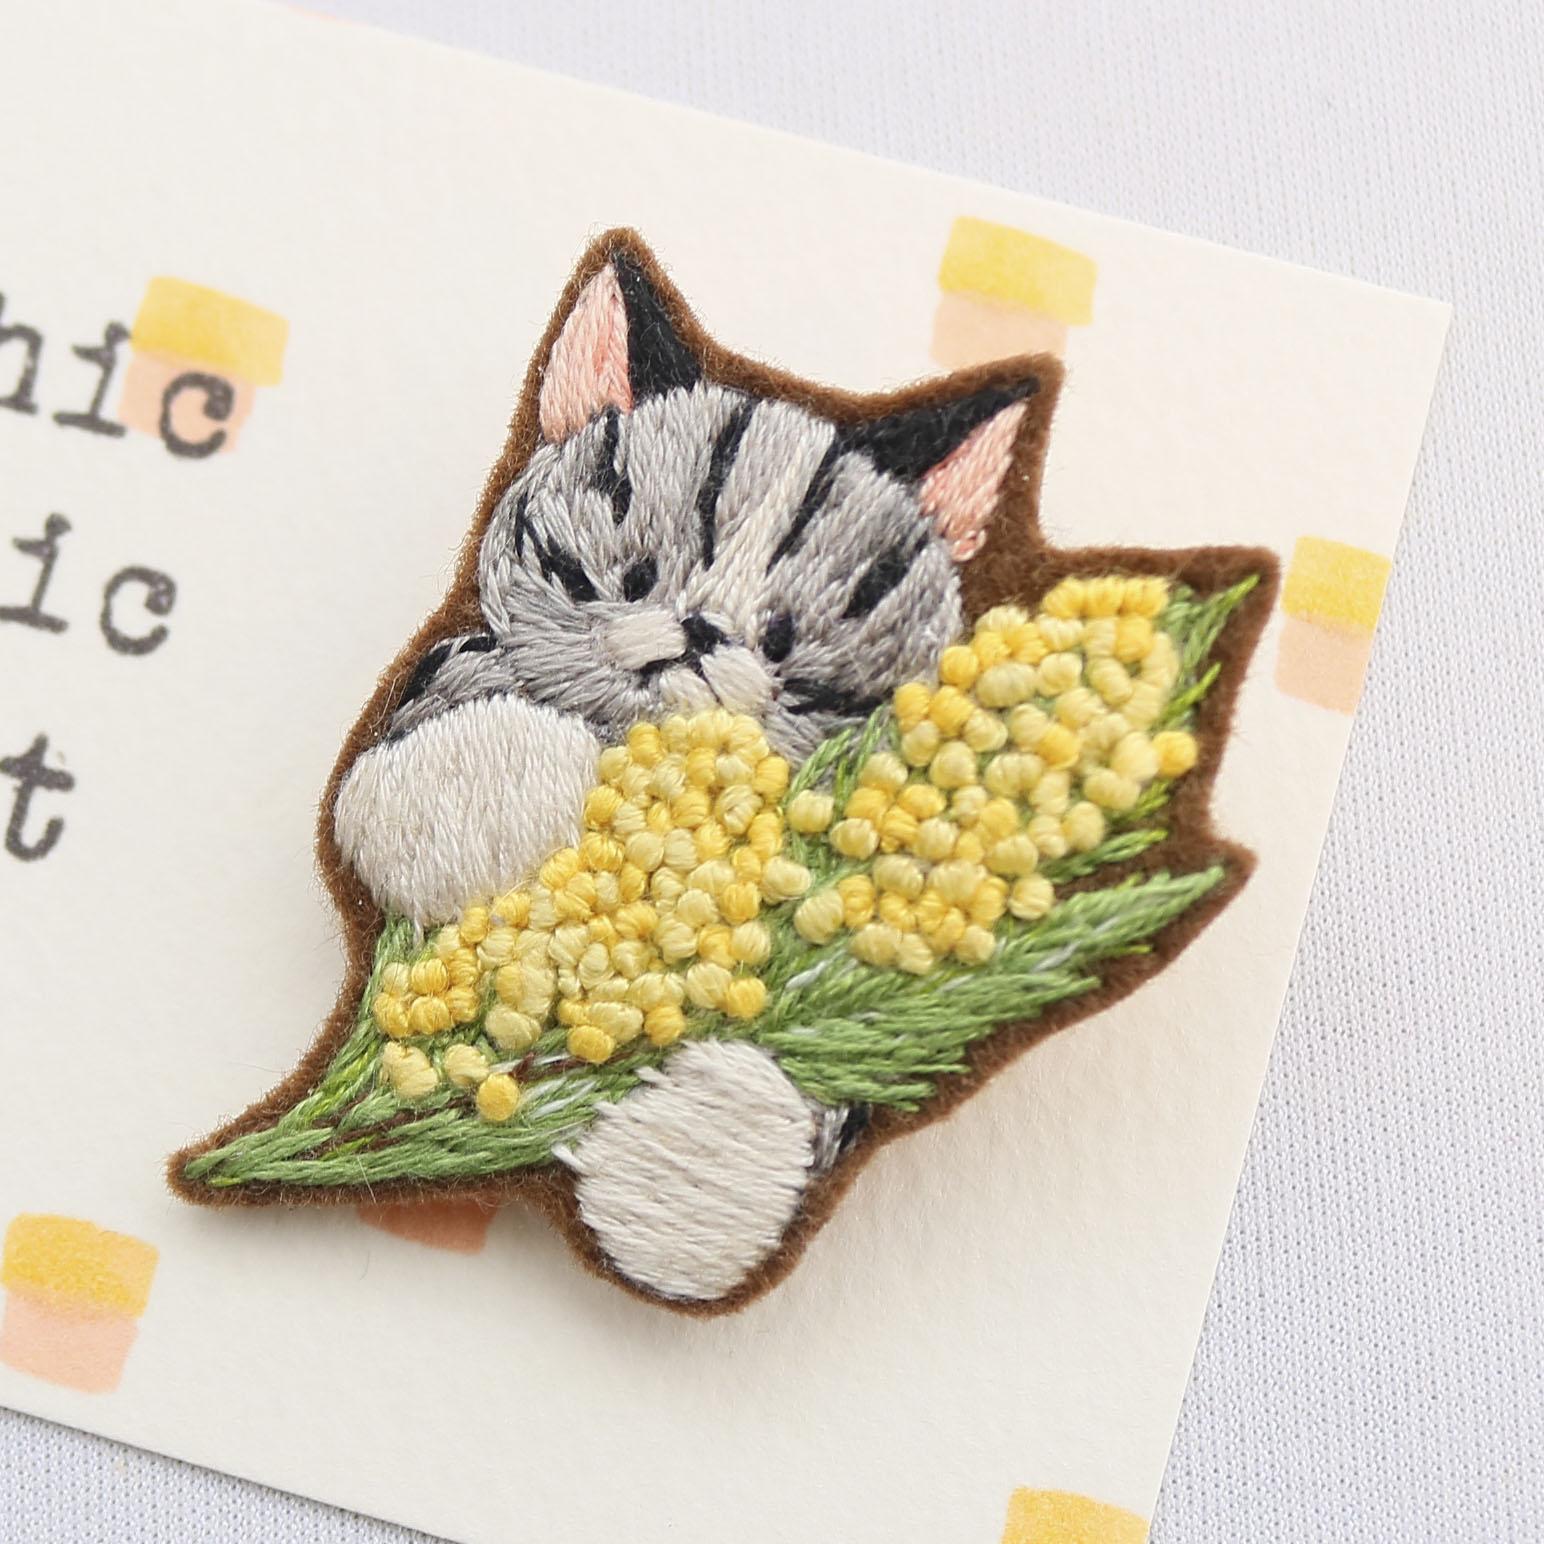 秋田 かぎしっぽ 猫雑貨 猫グッズ 刺繍 ブローチ ハンドメイド